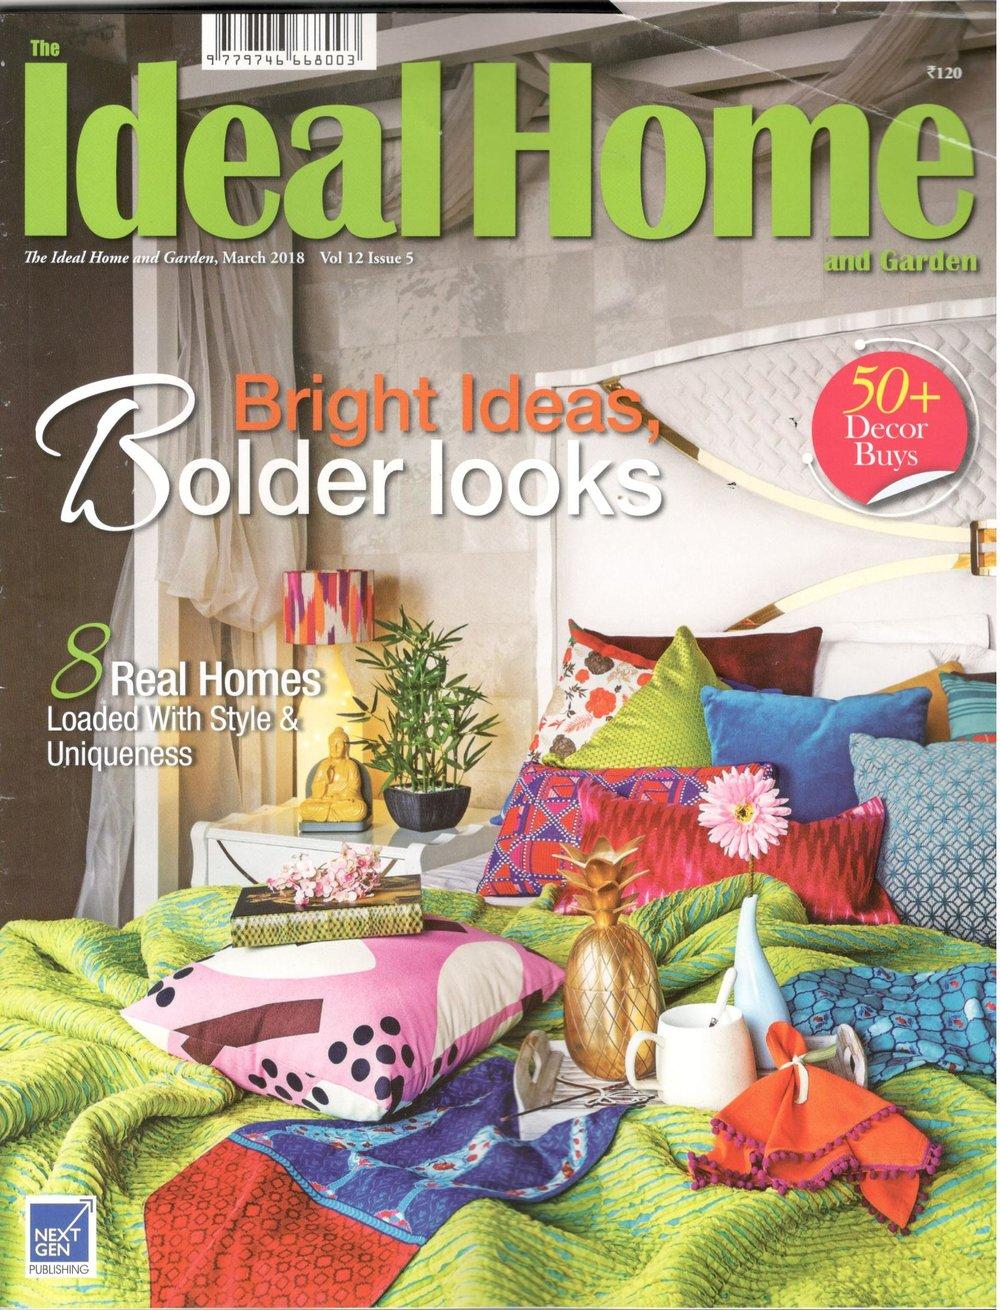 The Ideal Home & Garden, Mar 2018